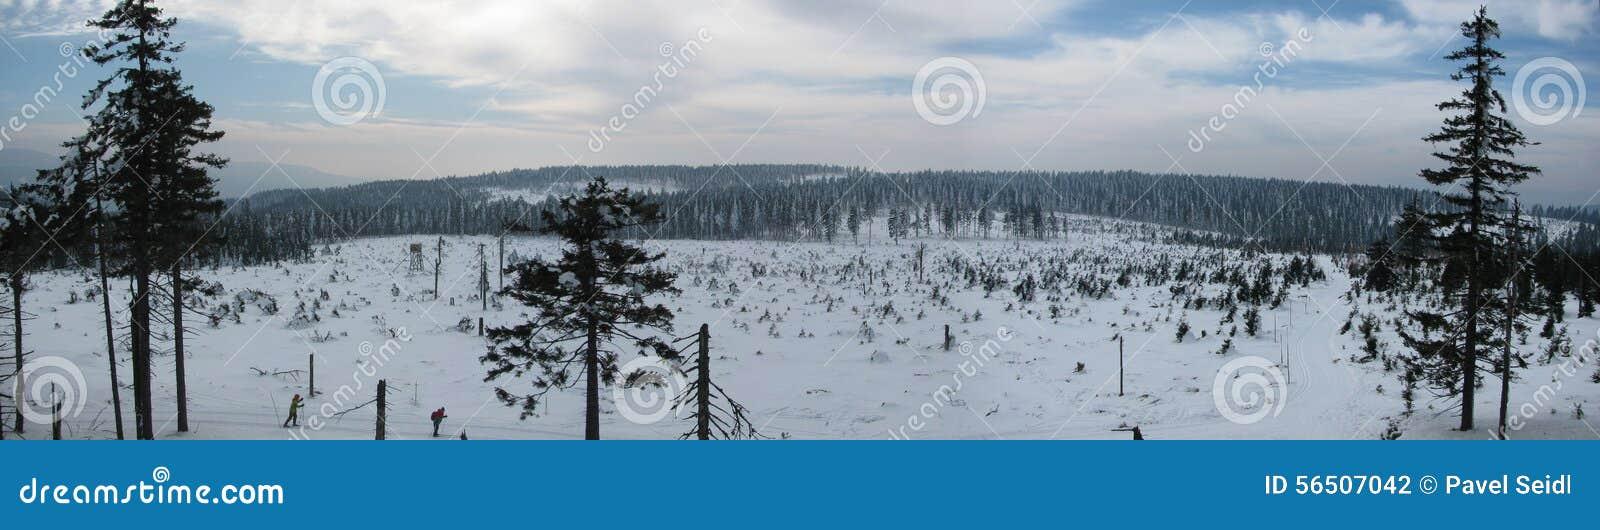 Winterlandschaft entlang den Bahnen für Skilanglauf